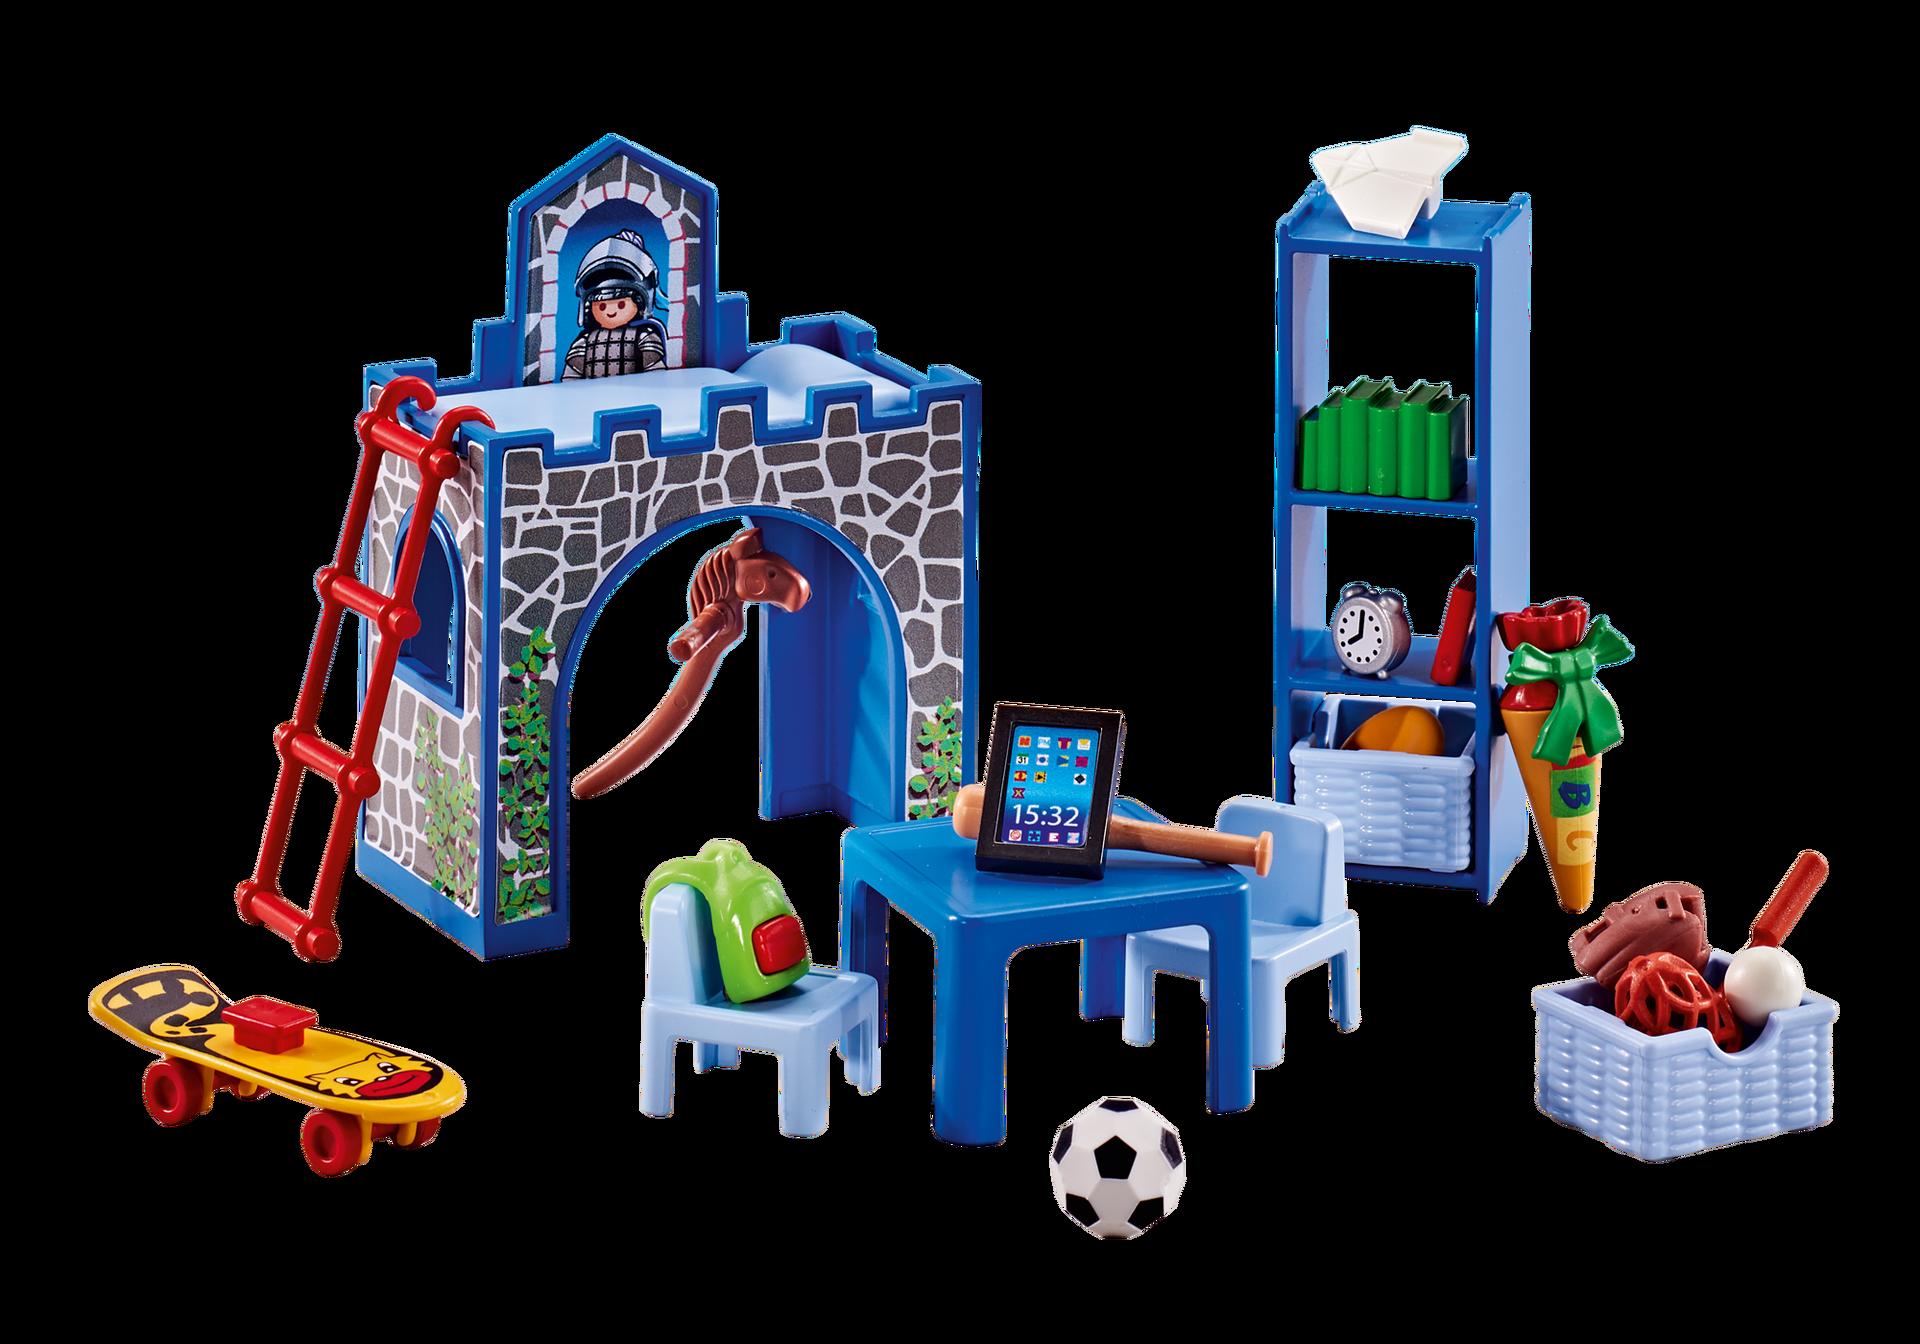 Am nagement pour chambre d 39 enfant 6556 playmobil france for Playmobil chambre enfant